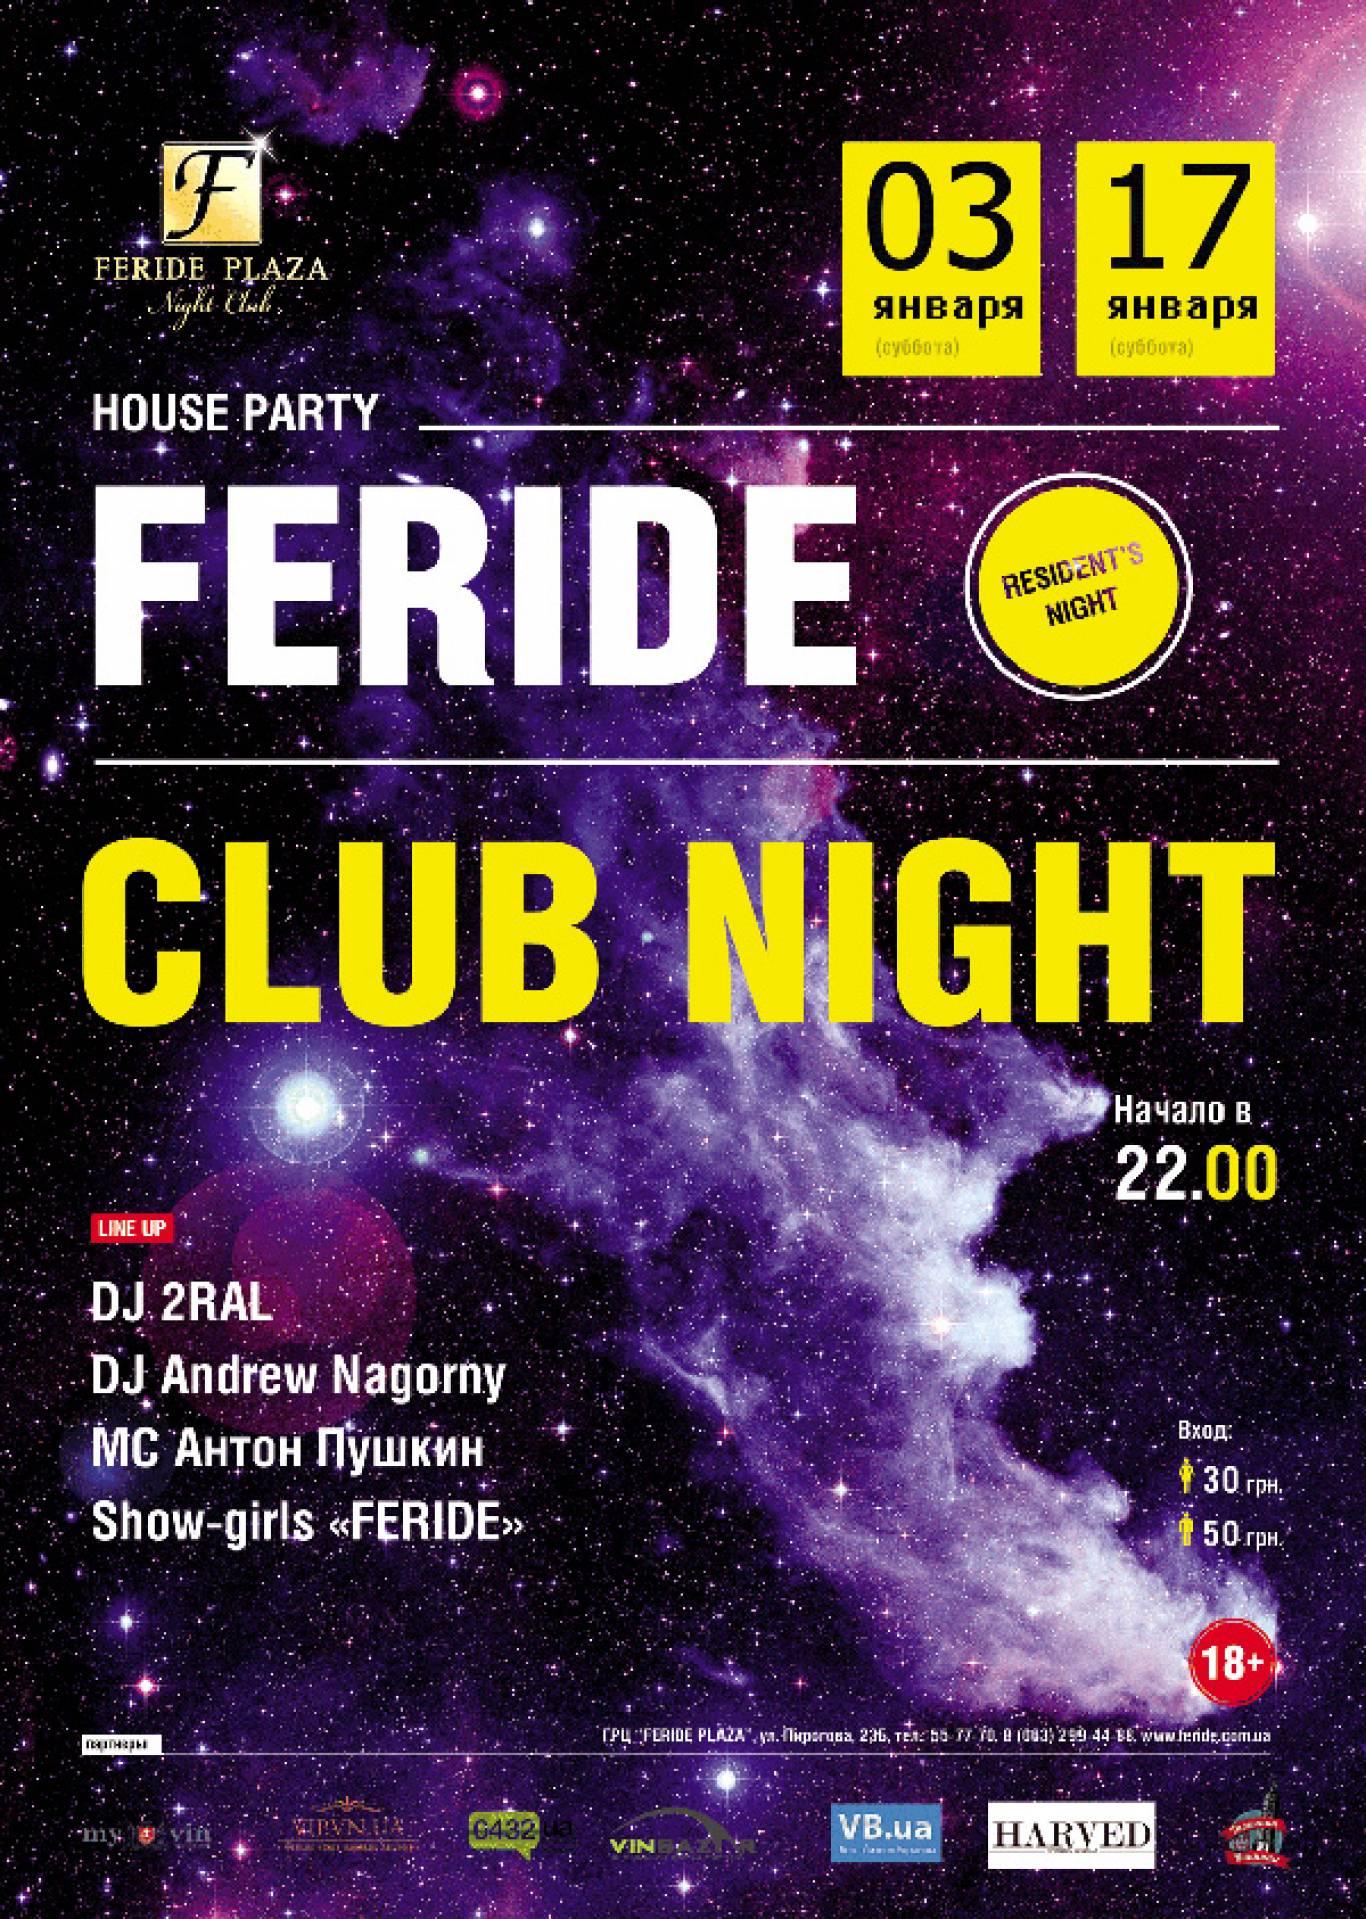 Feride Night Club